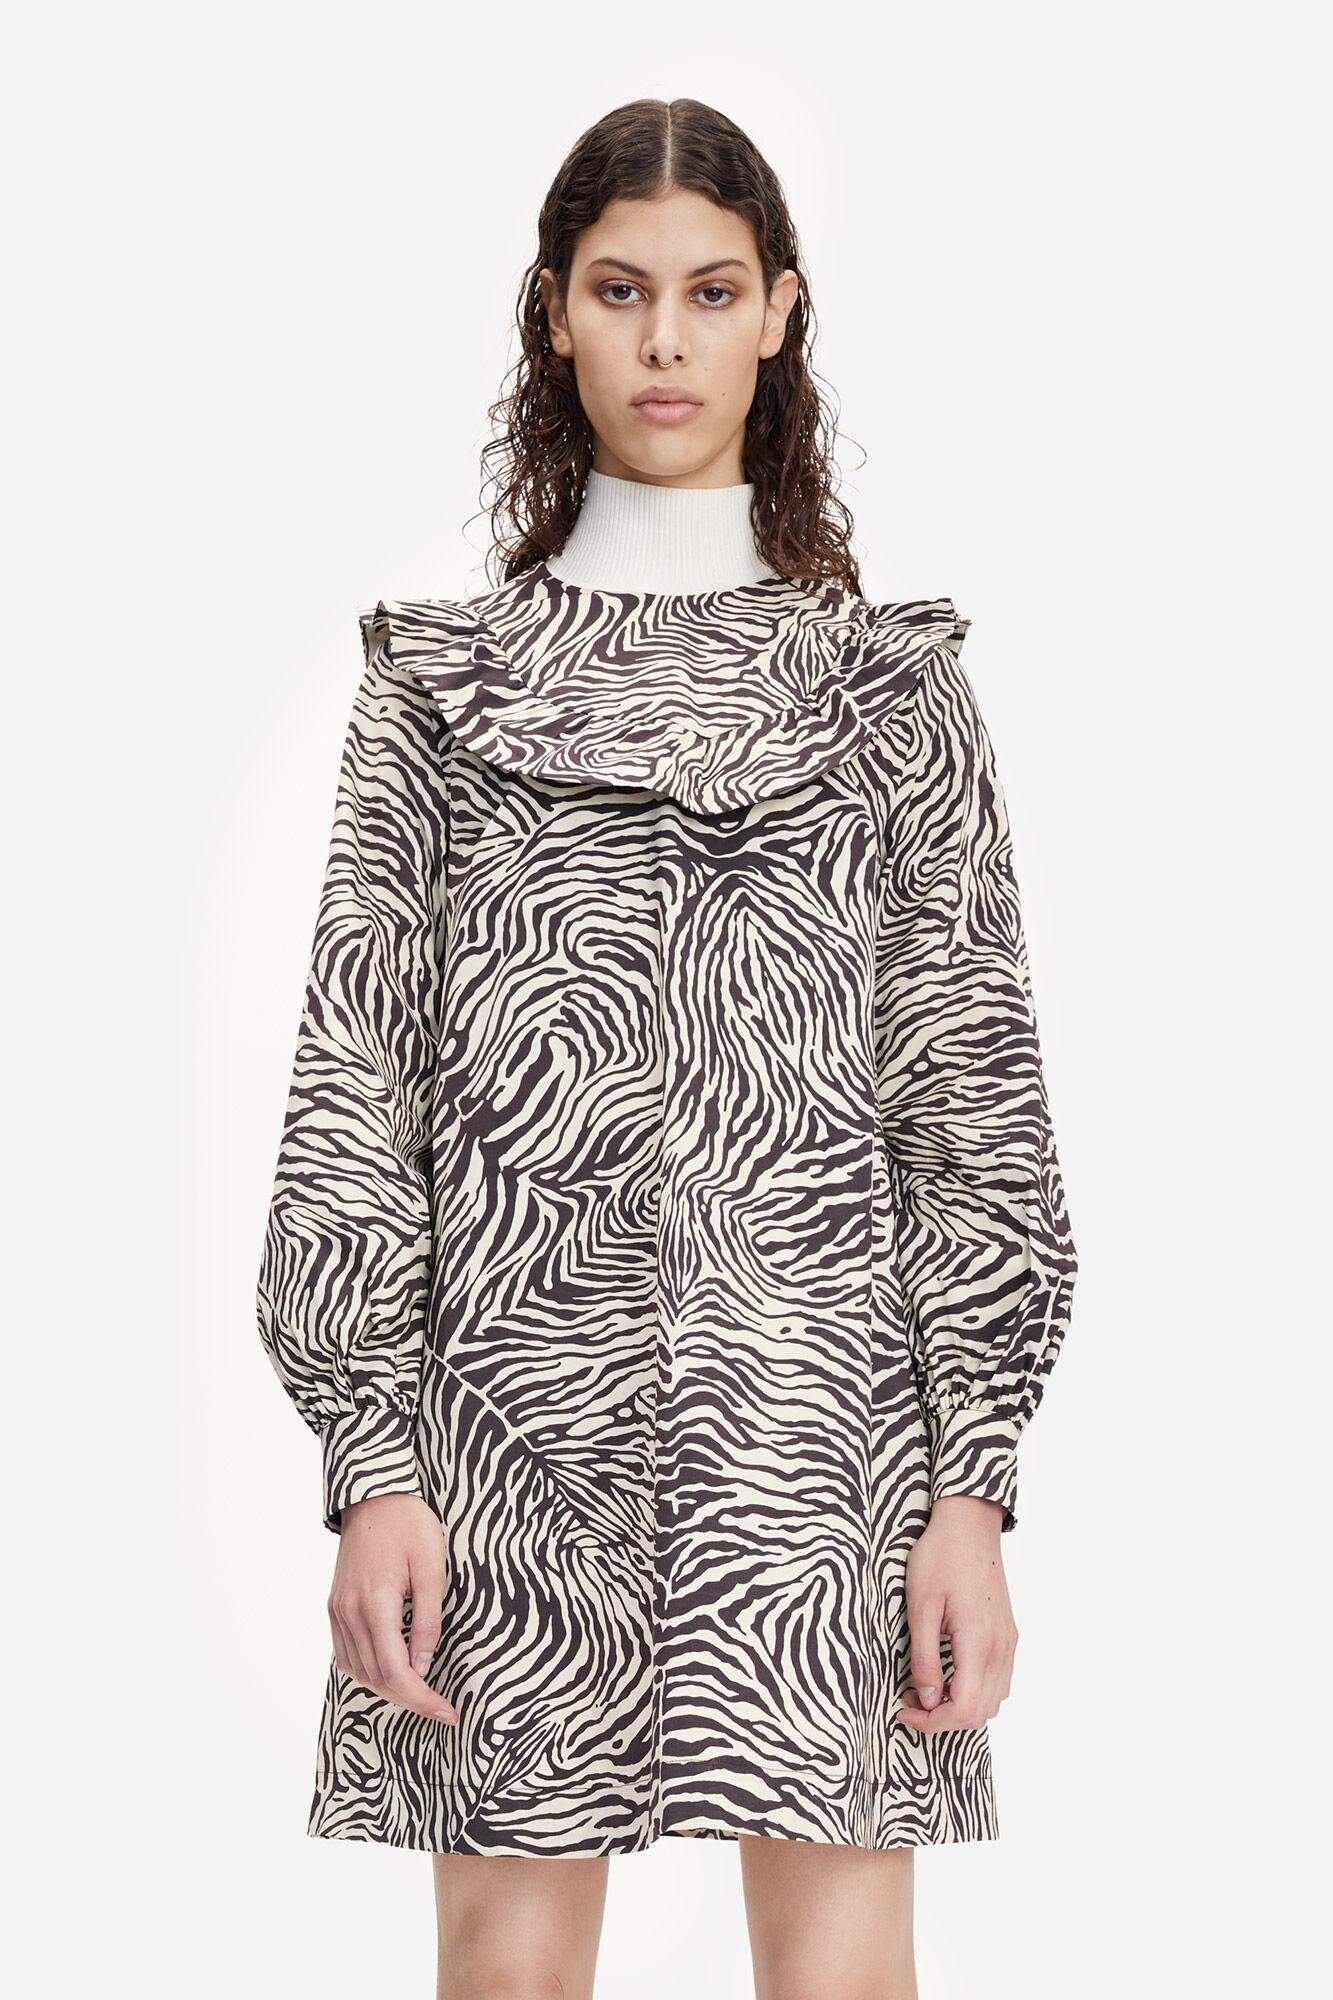 Odette dress aop 10783